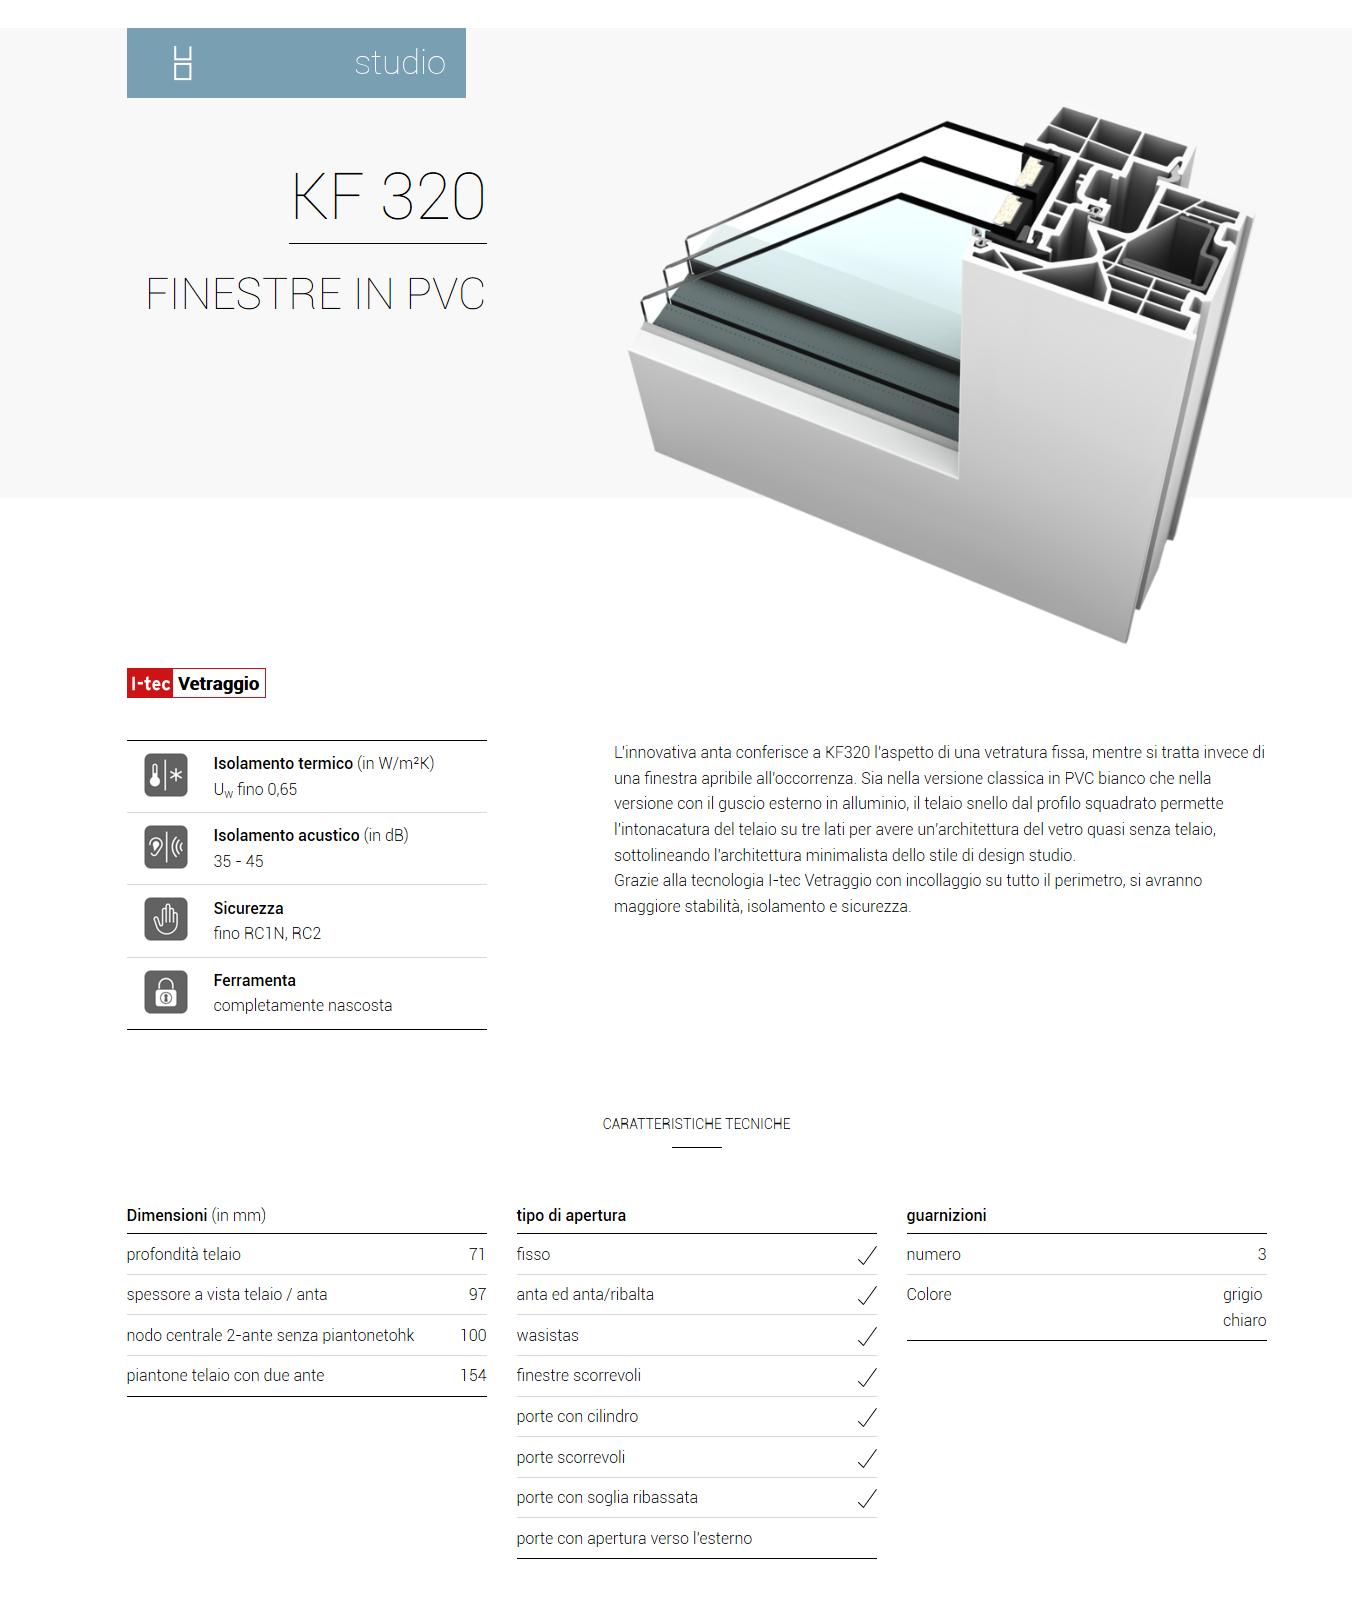 kf 320 studio